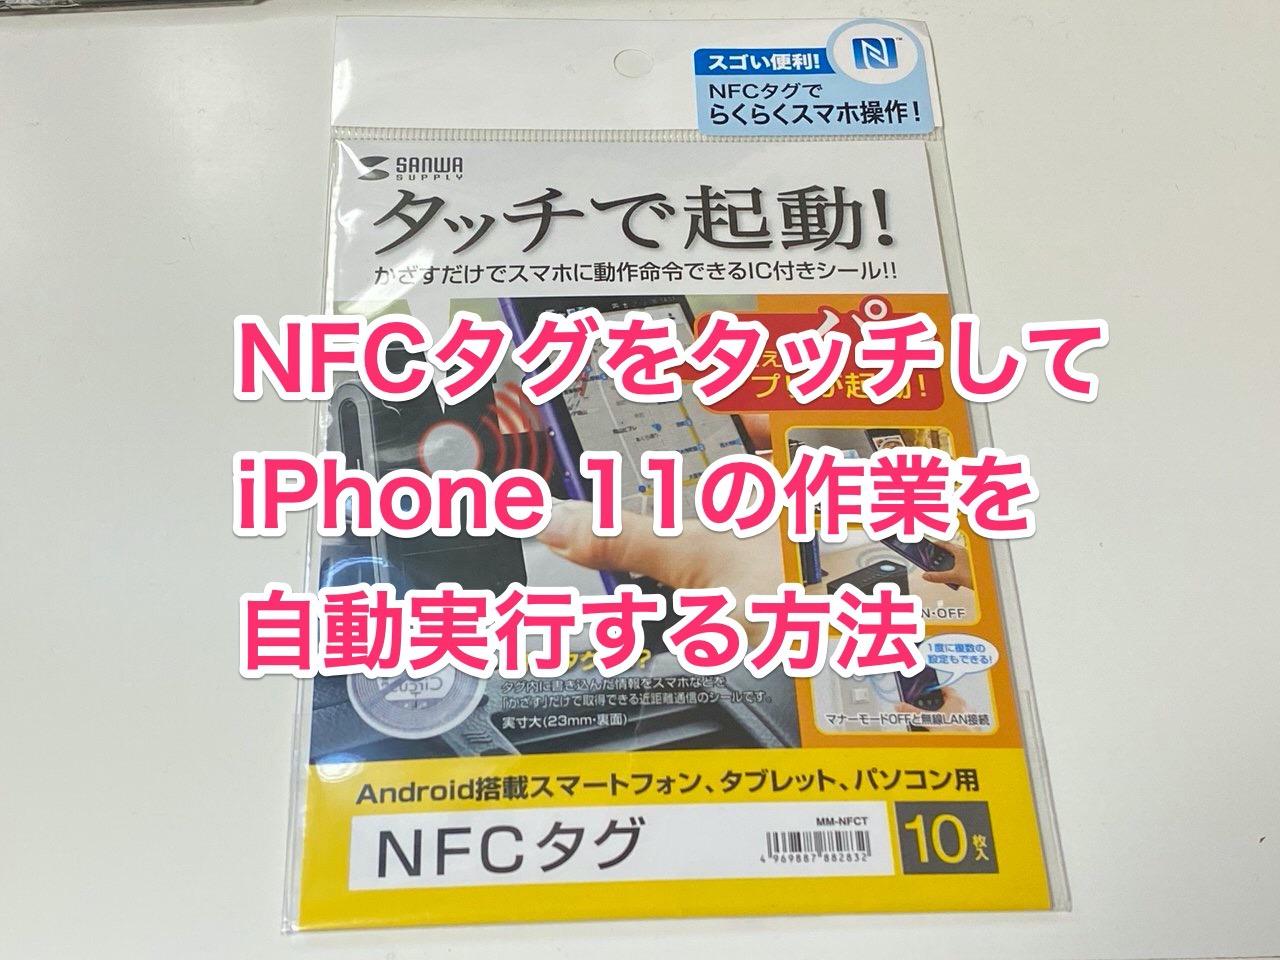 【iOS 13】iPhone 11/XR/XSをNFCタグにタッチするとアプリが自動起動して作業するオートメーションを試してみた